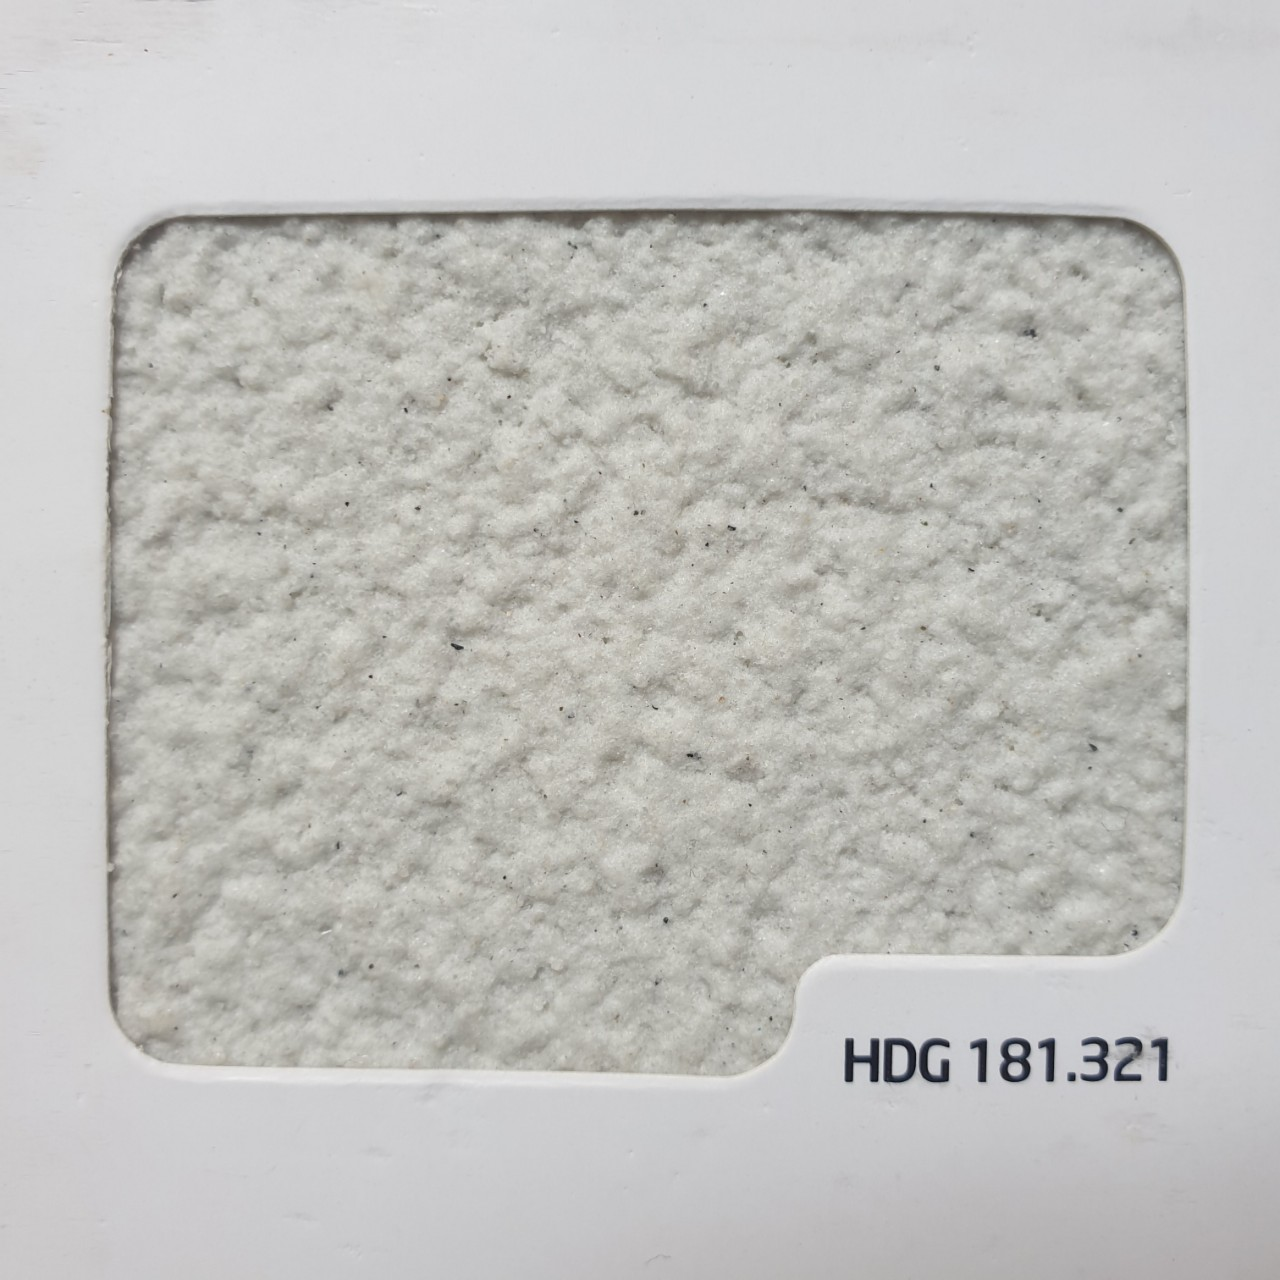 SƠN ĐƠN SẮC HDG 181.321